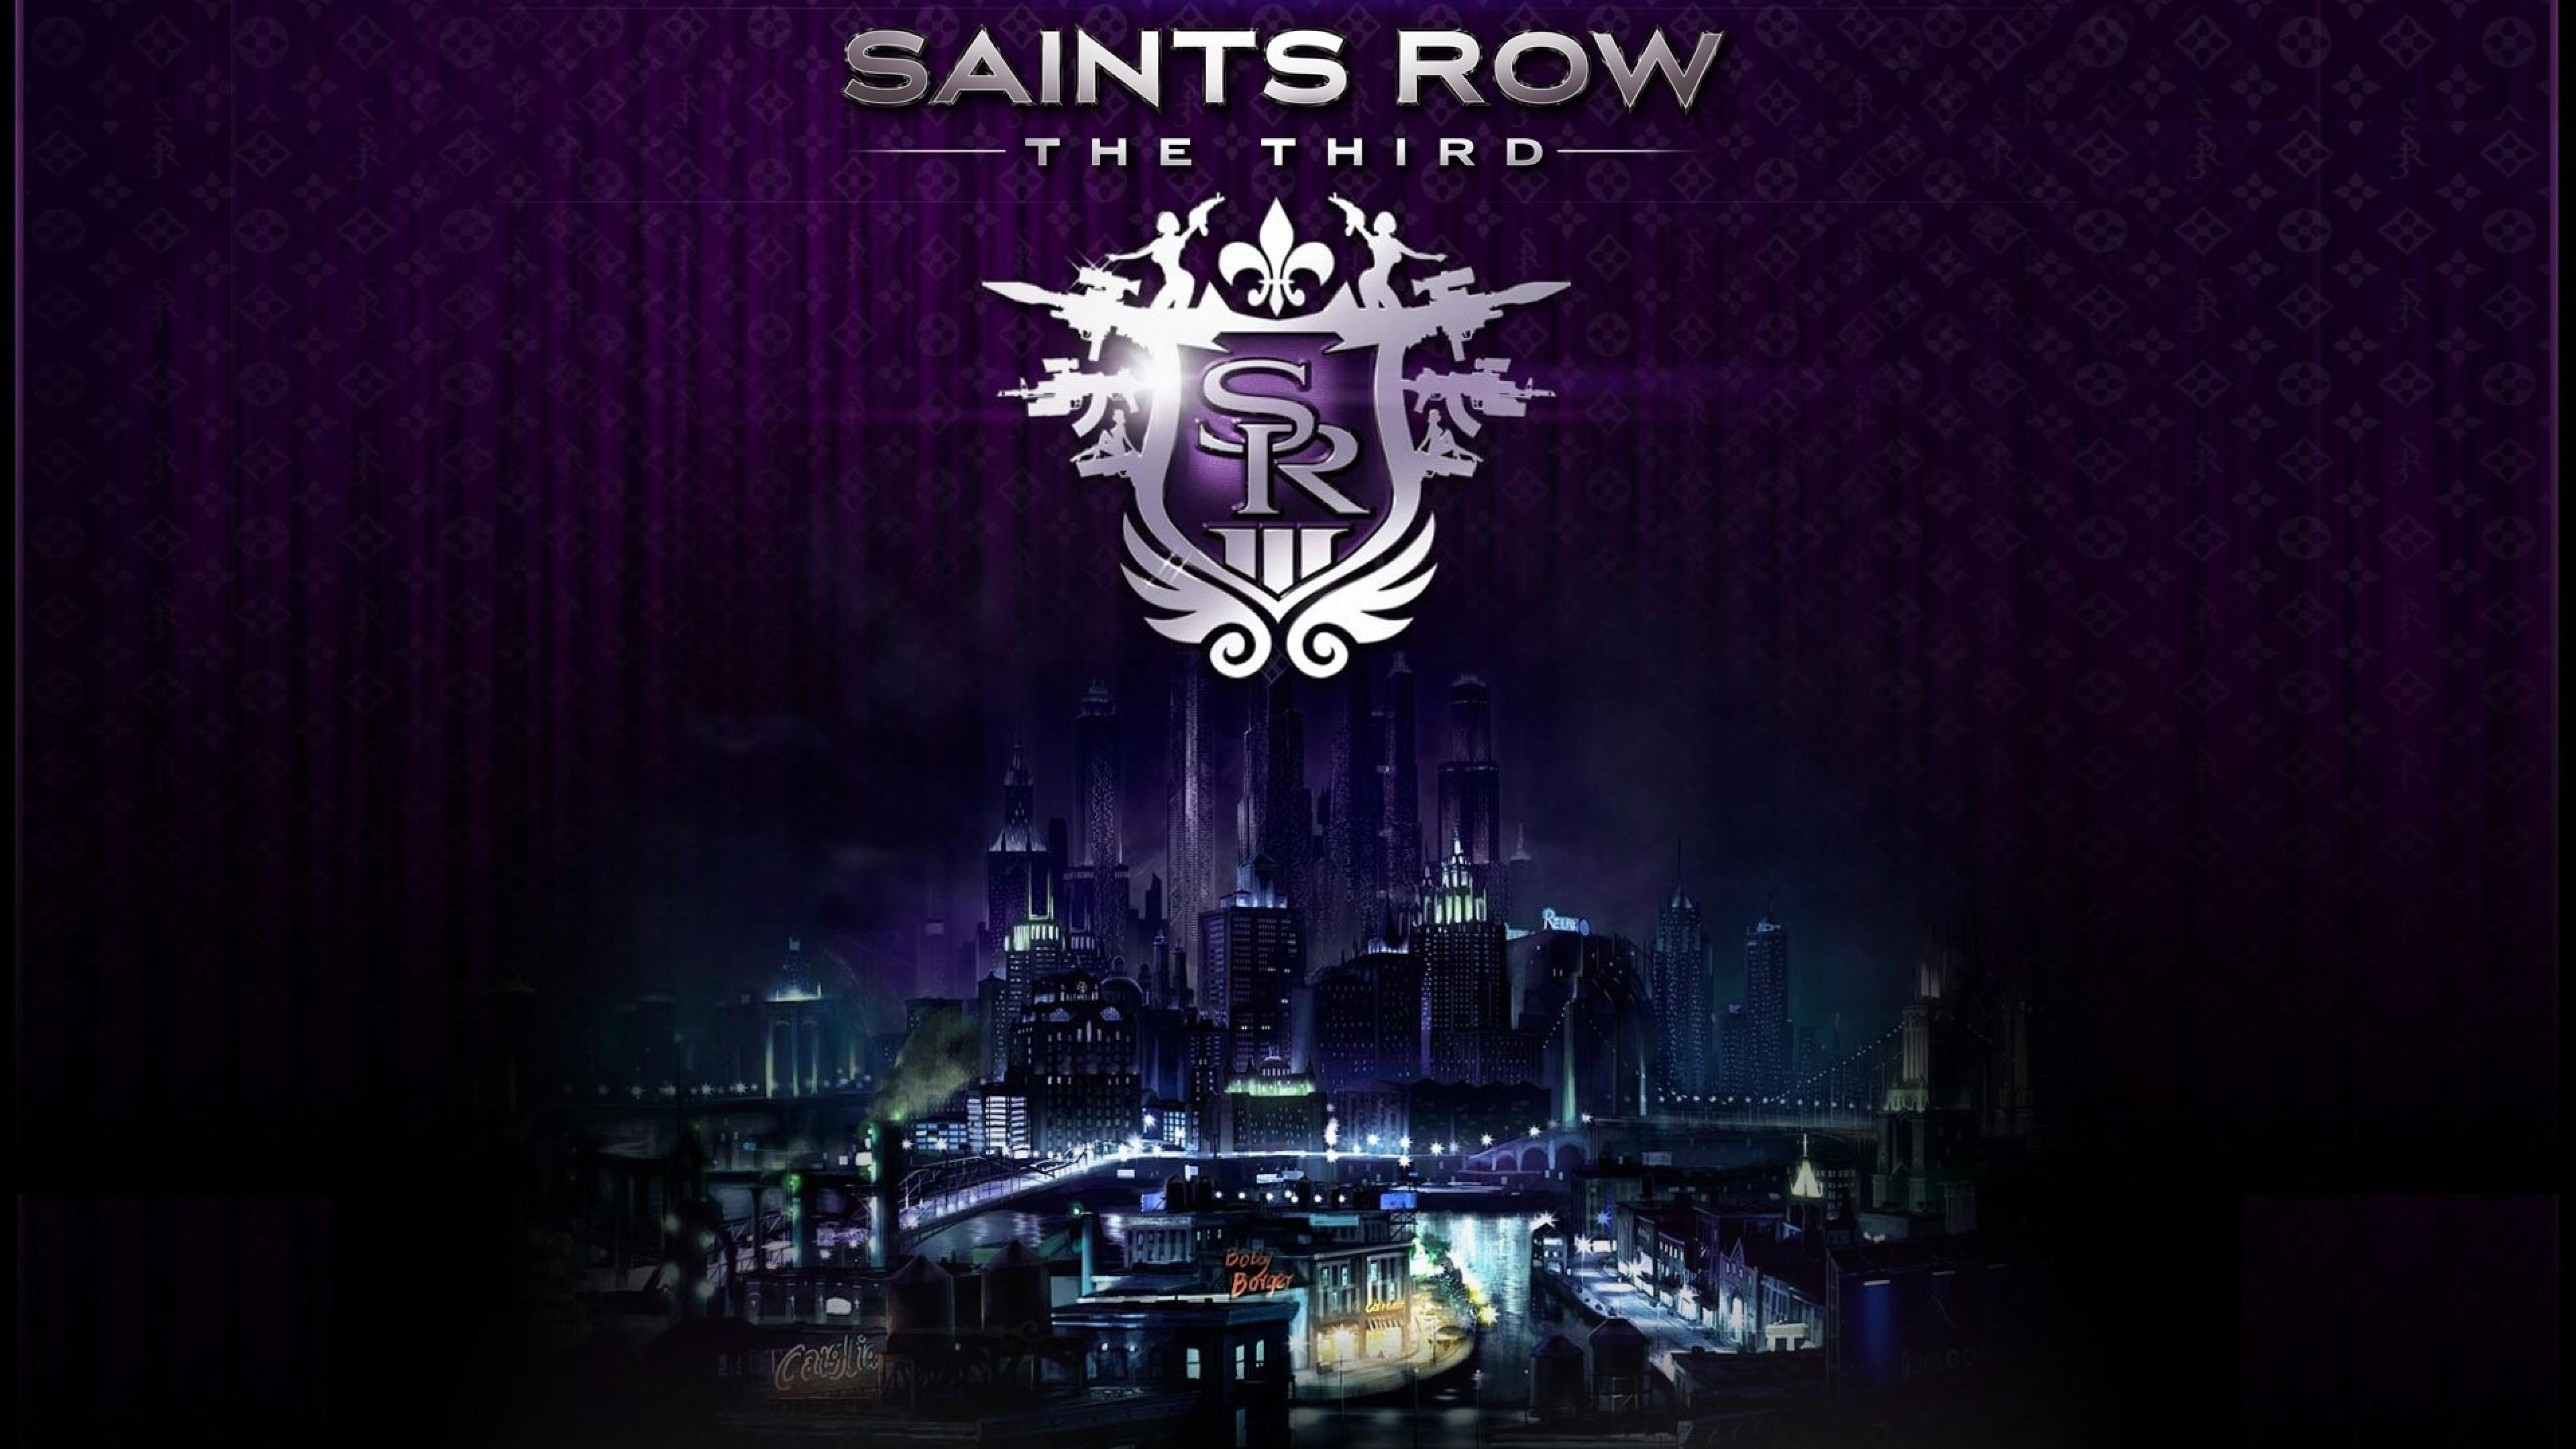 Saints Row 2 Wallpaper (76+ Images